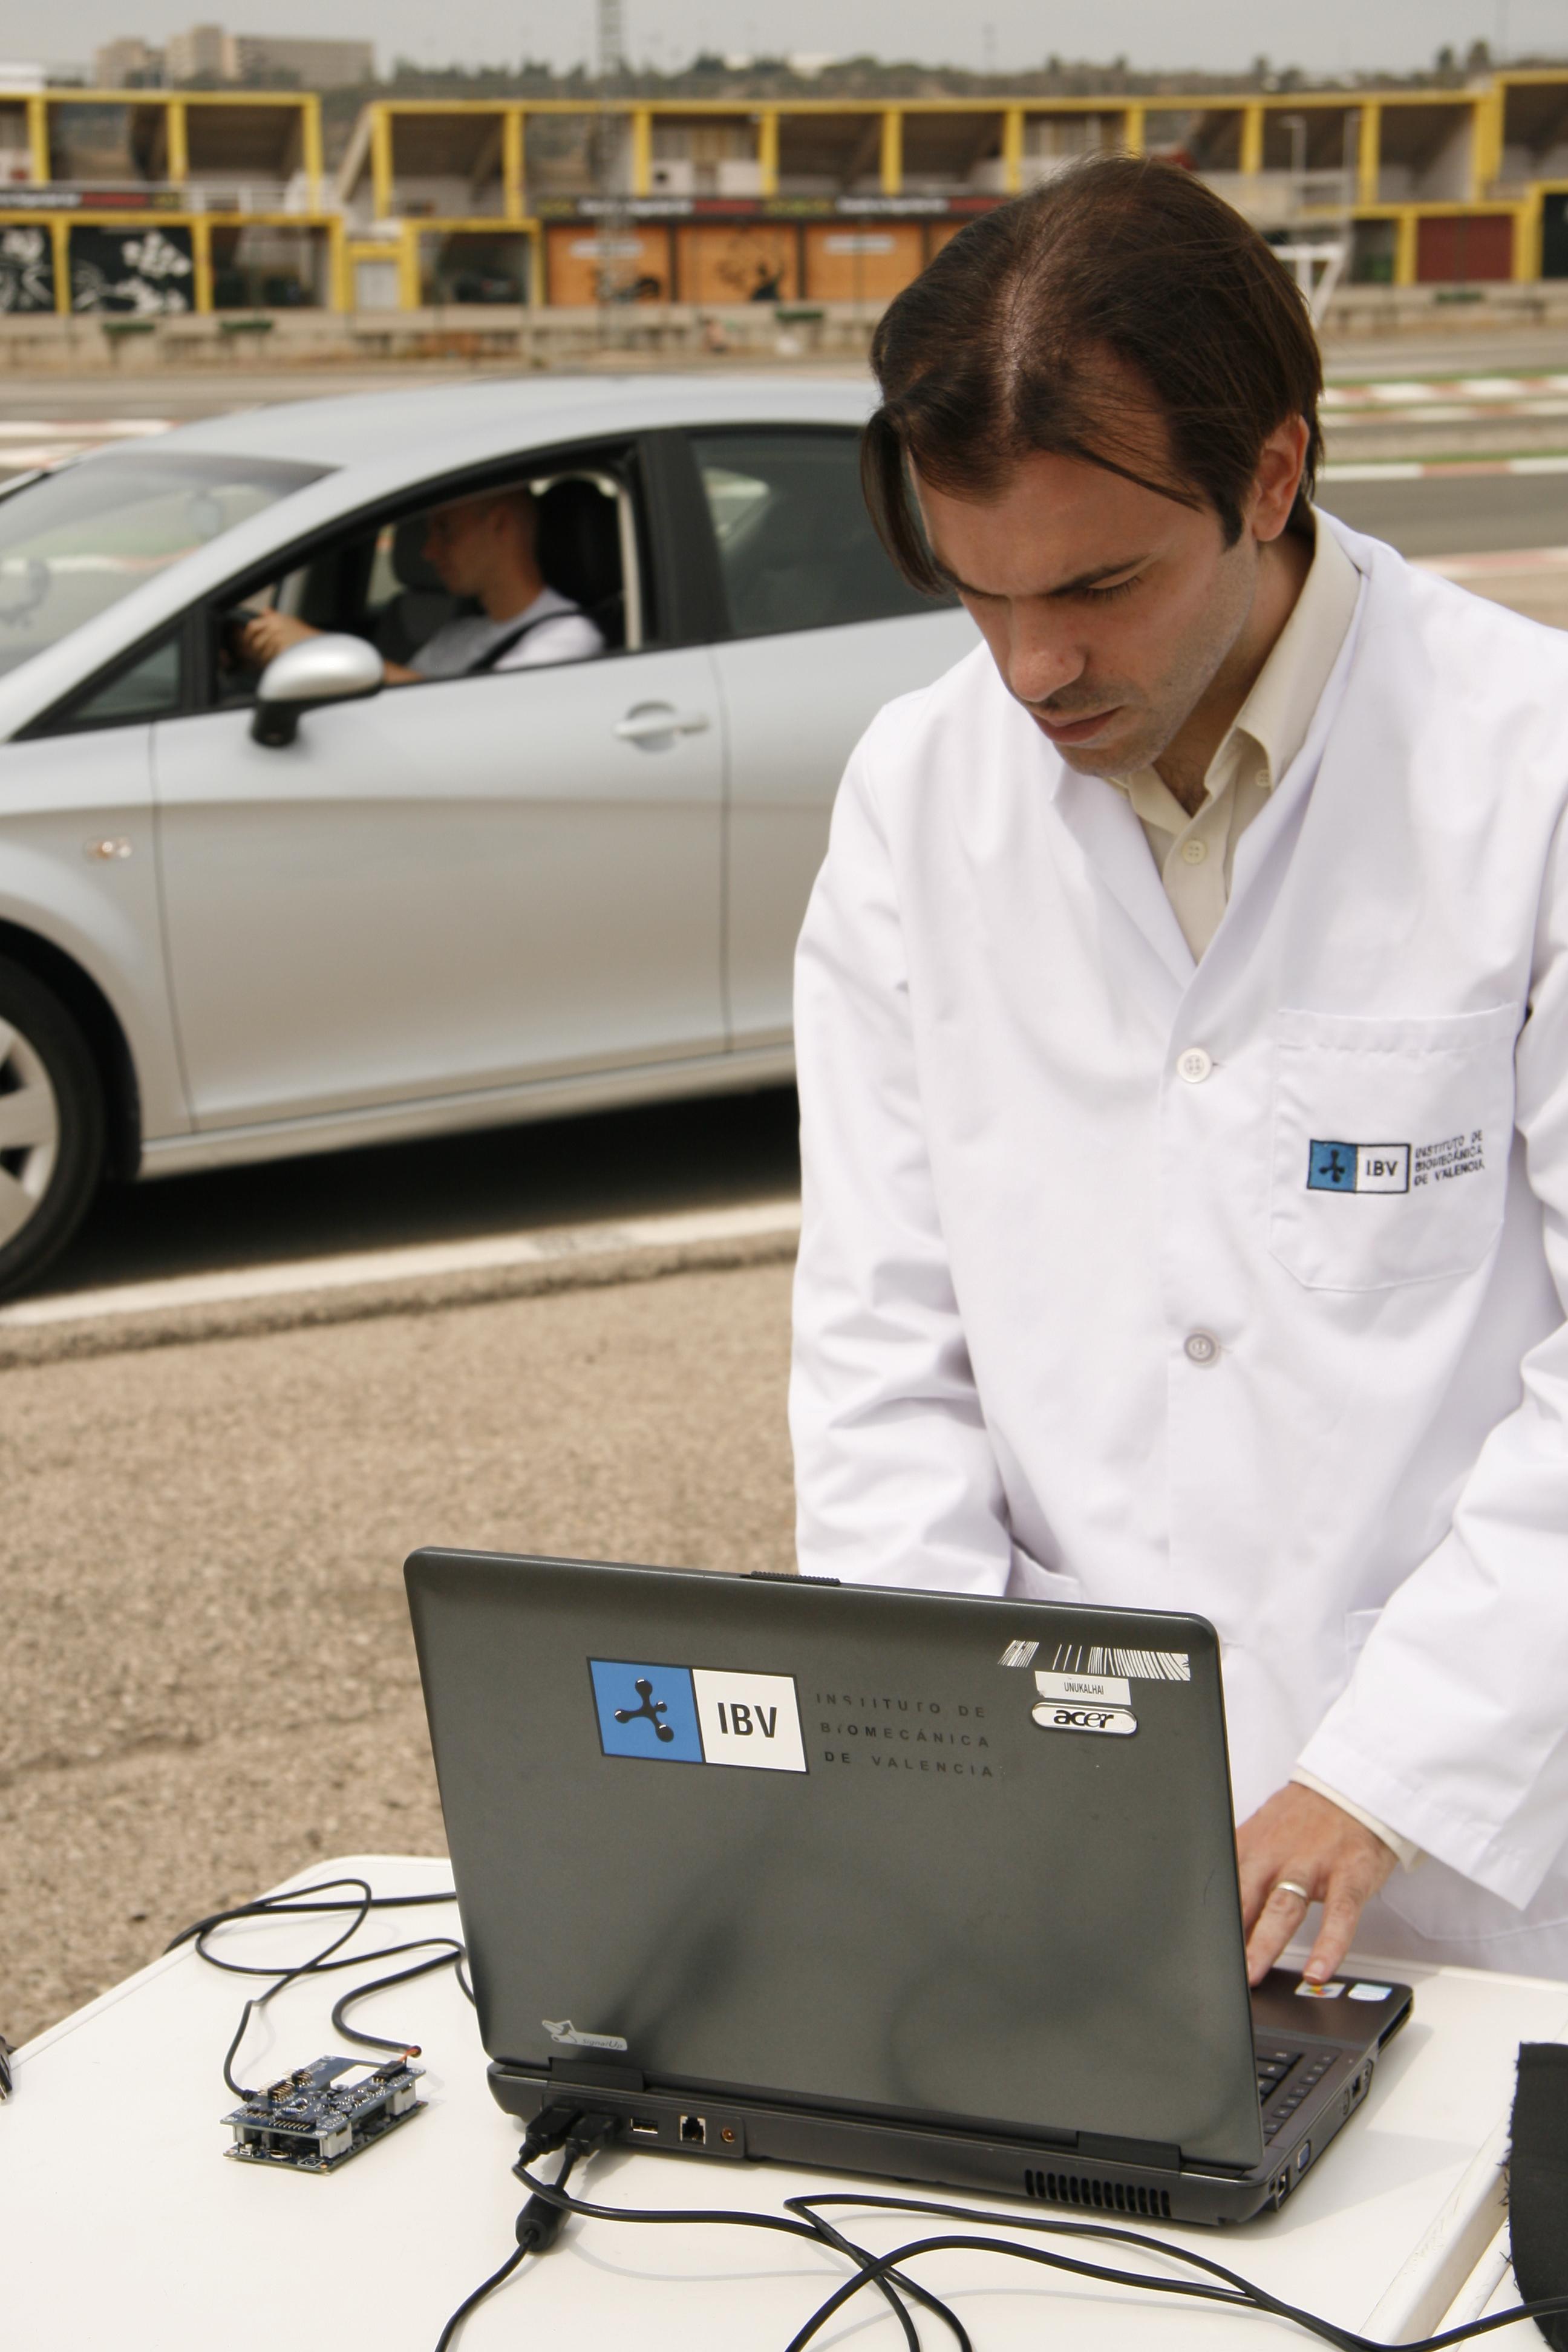 Un nuevo dispositivo hecho de textiles inteligentes medirá la fatiga del conductor